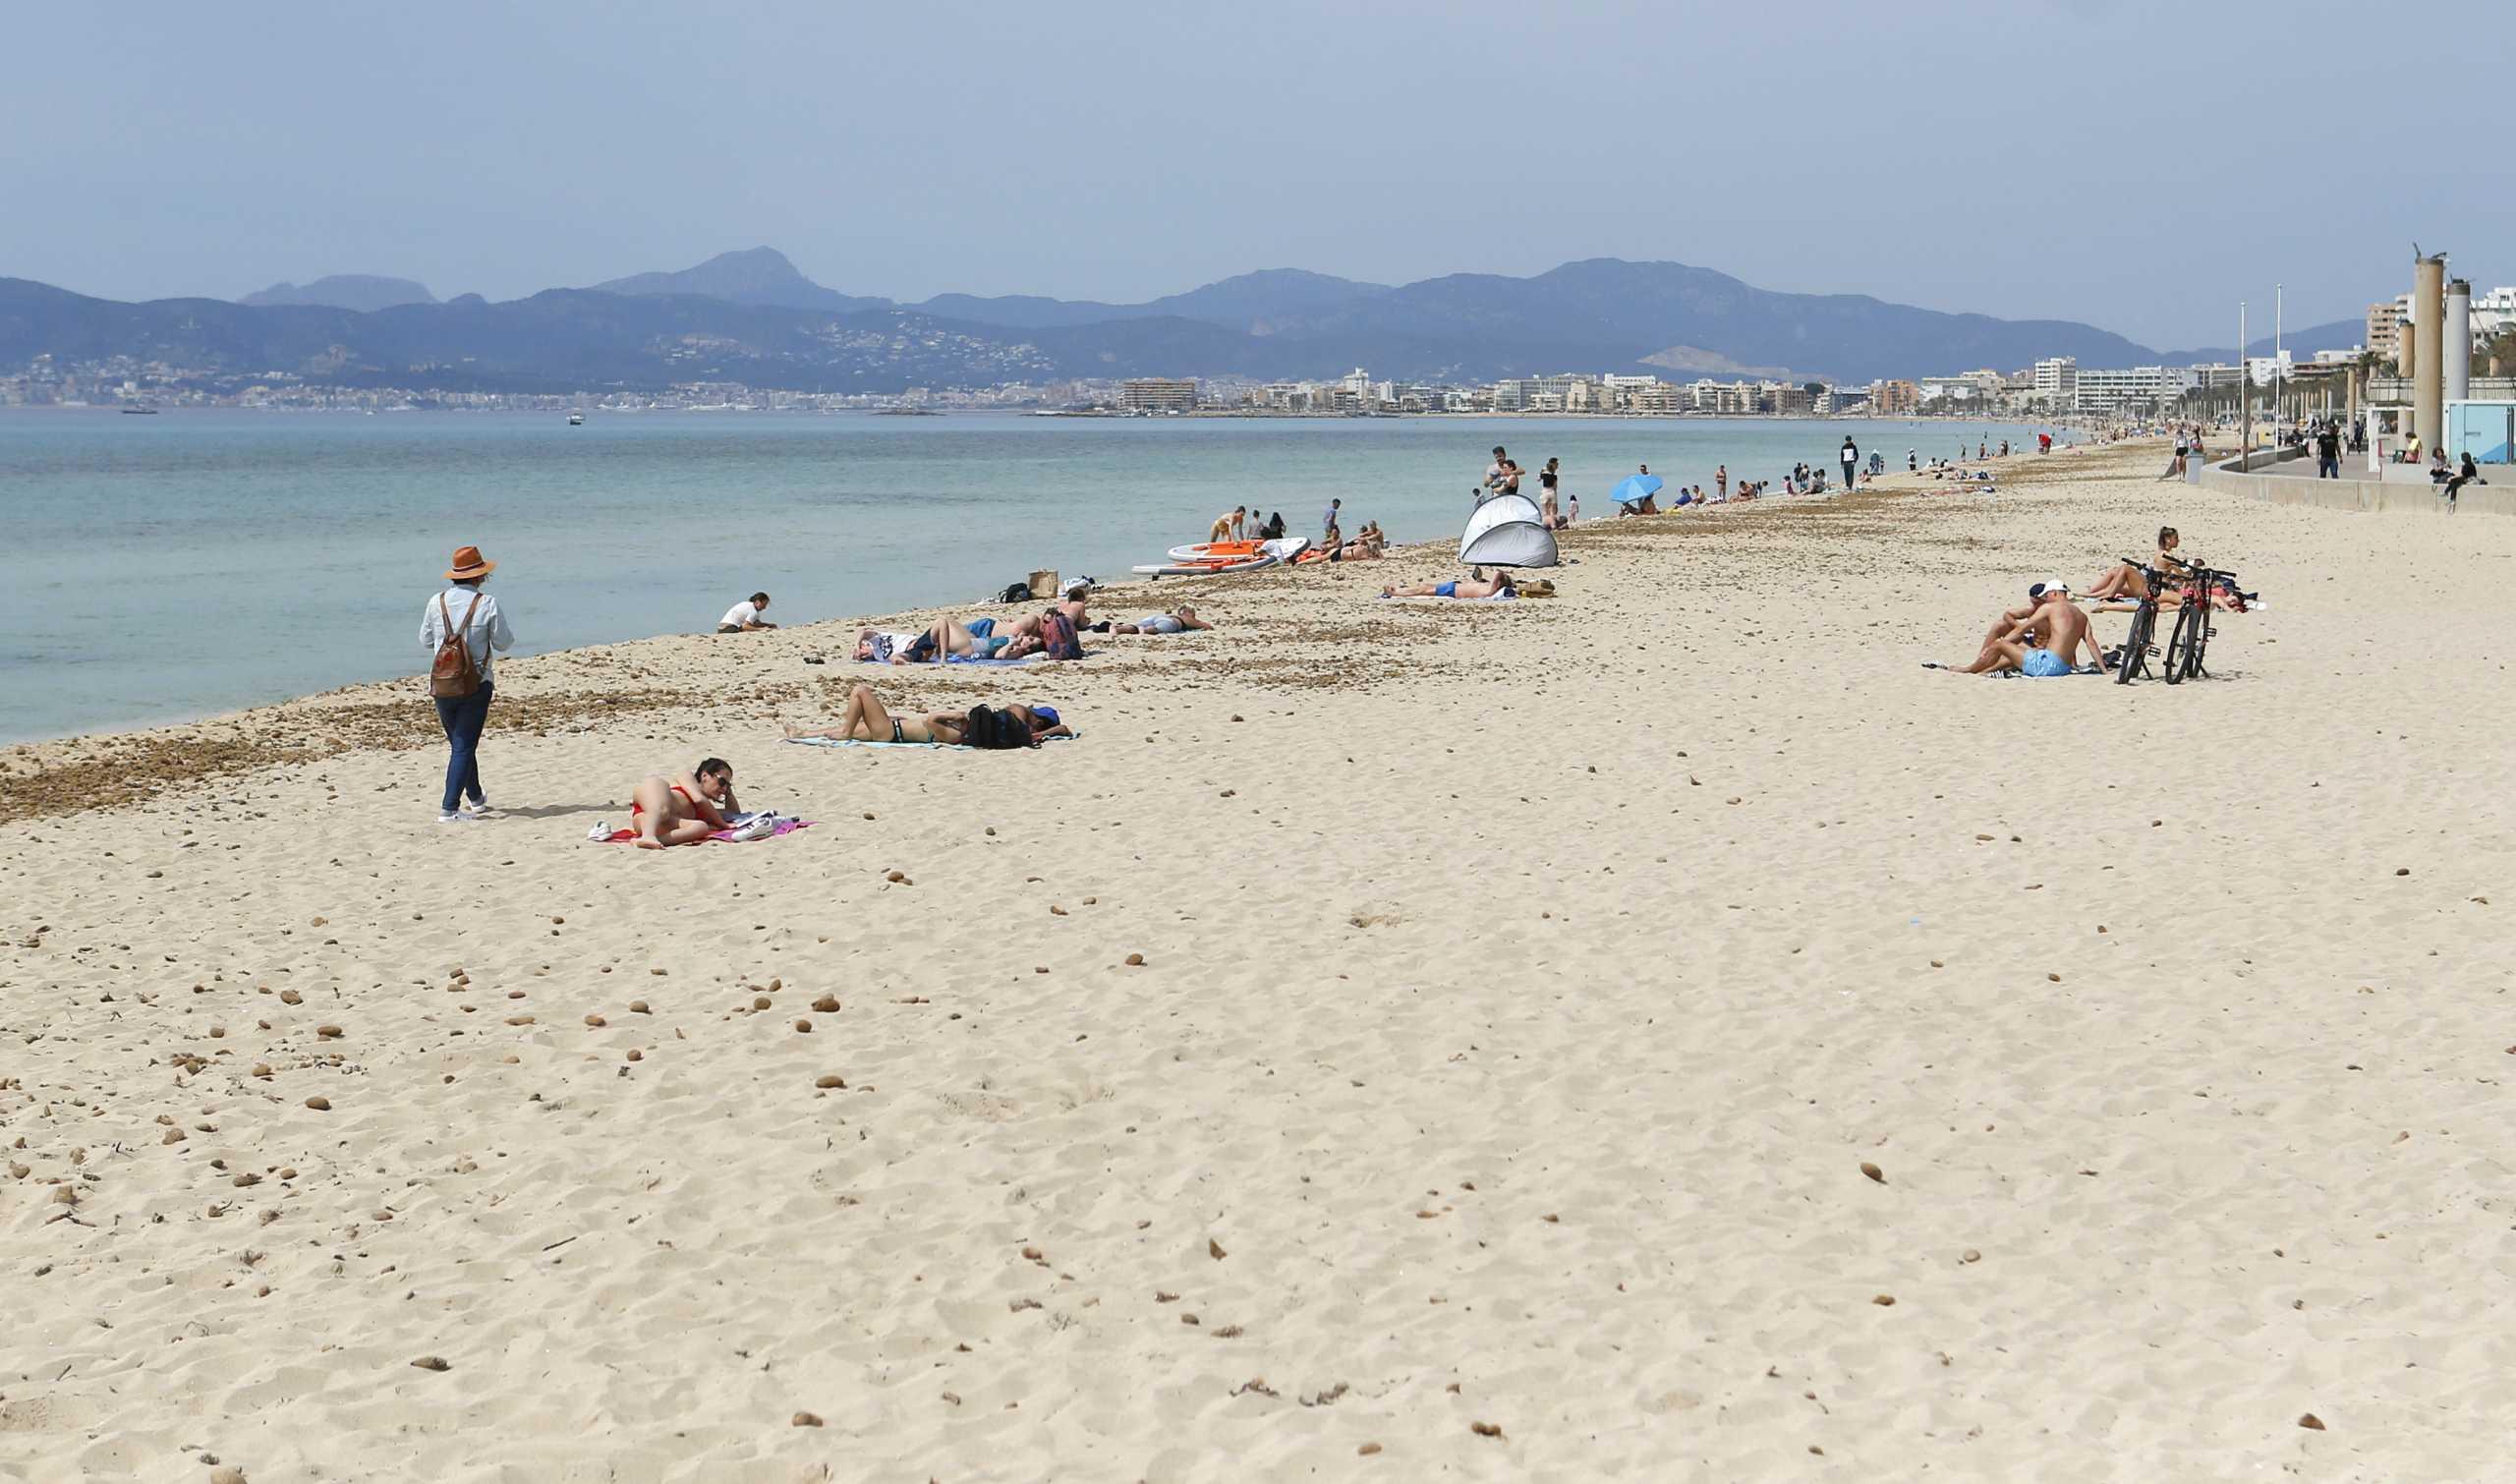 Βουτιά 76% στις τουριστικές αφίξεις τον Μάρτιο στην Ισπανία